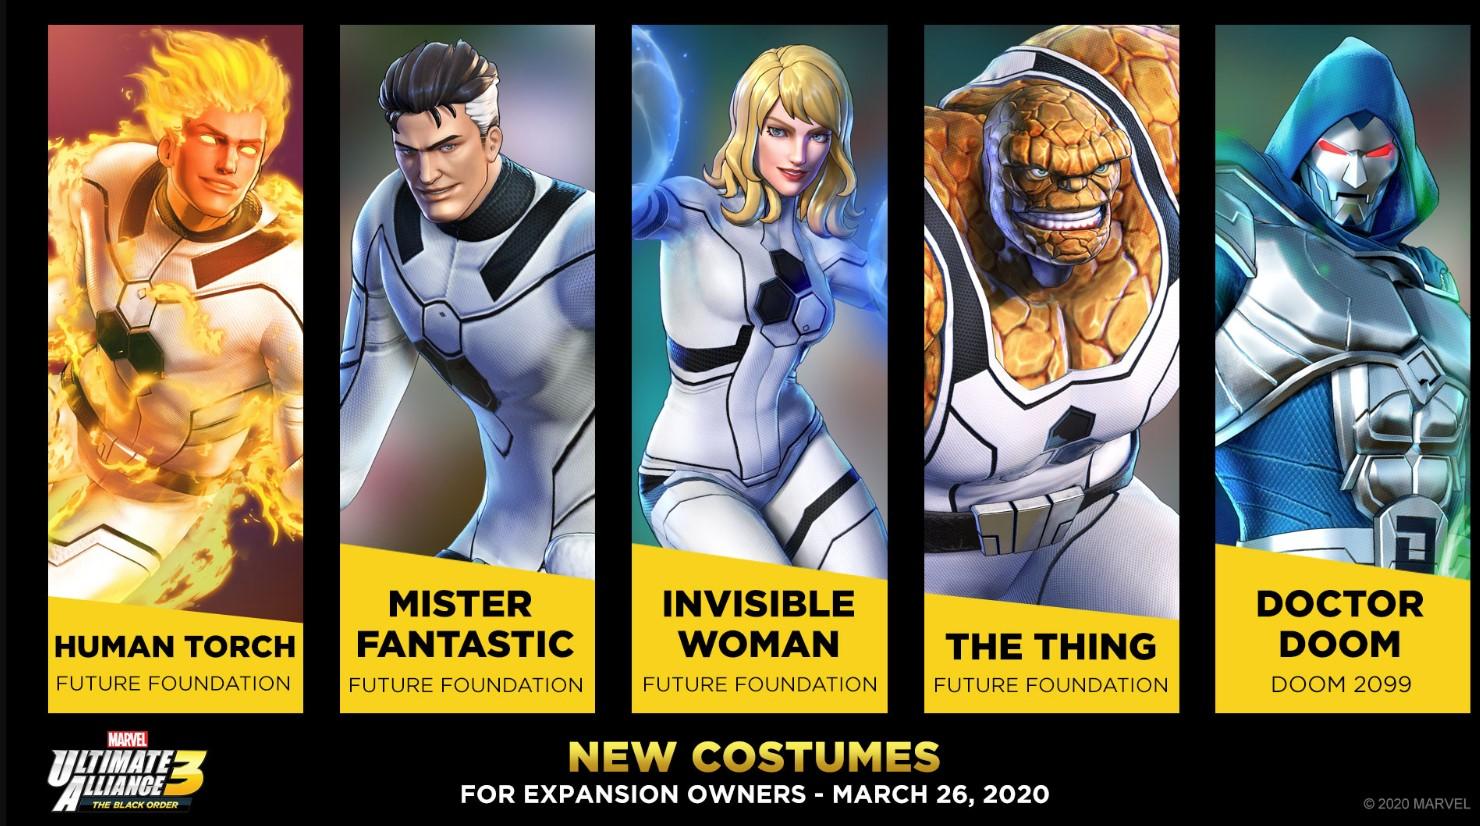 Los 4 fantásticos llegan a Marvel Ultimate Alliance 3 a través de un nuevo tráiler